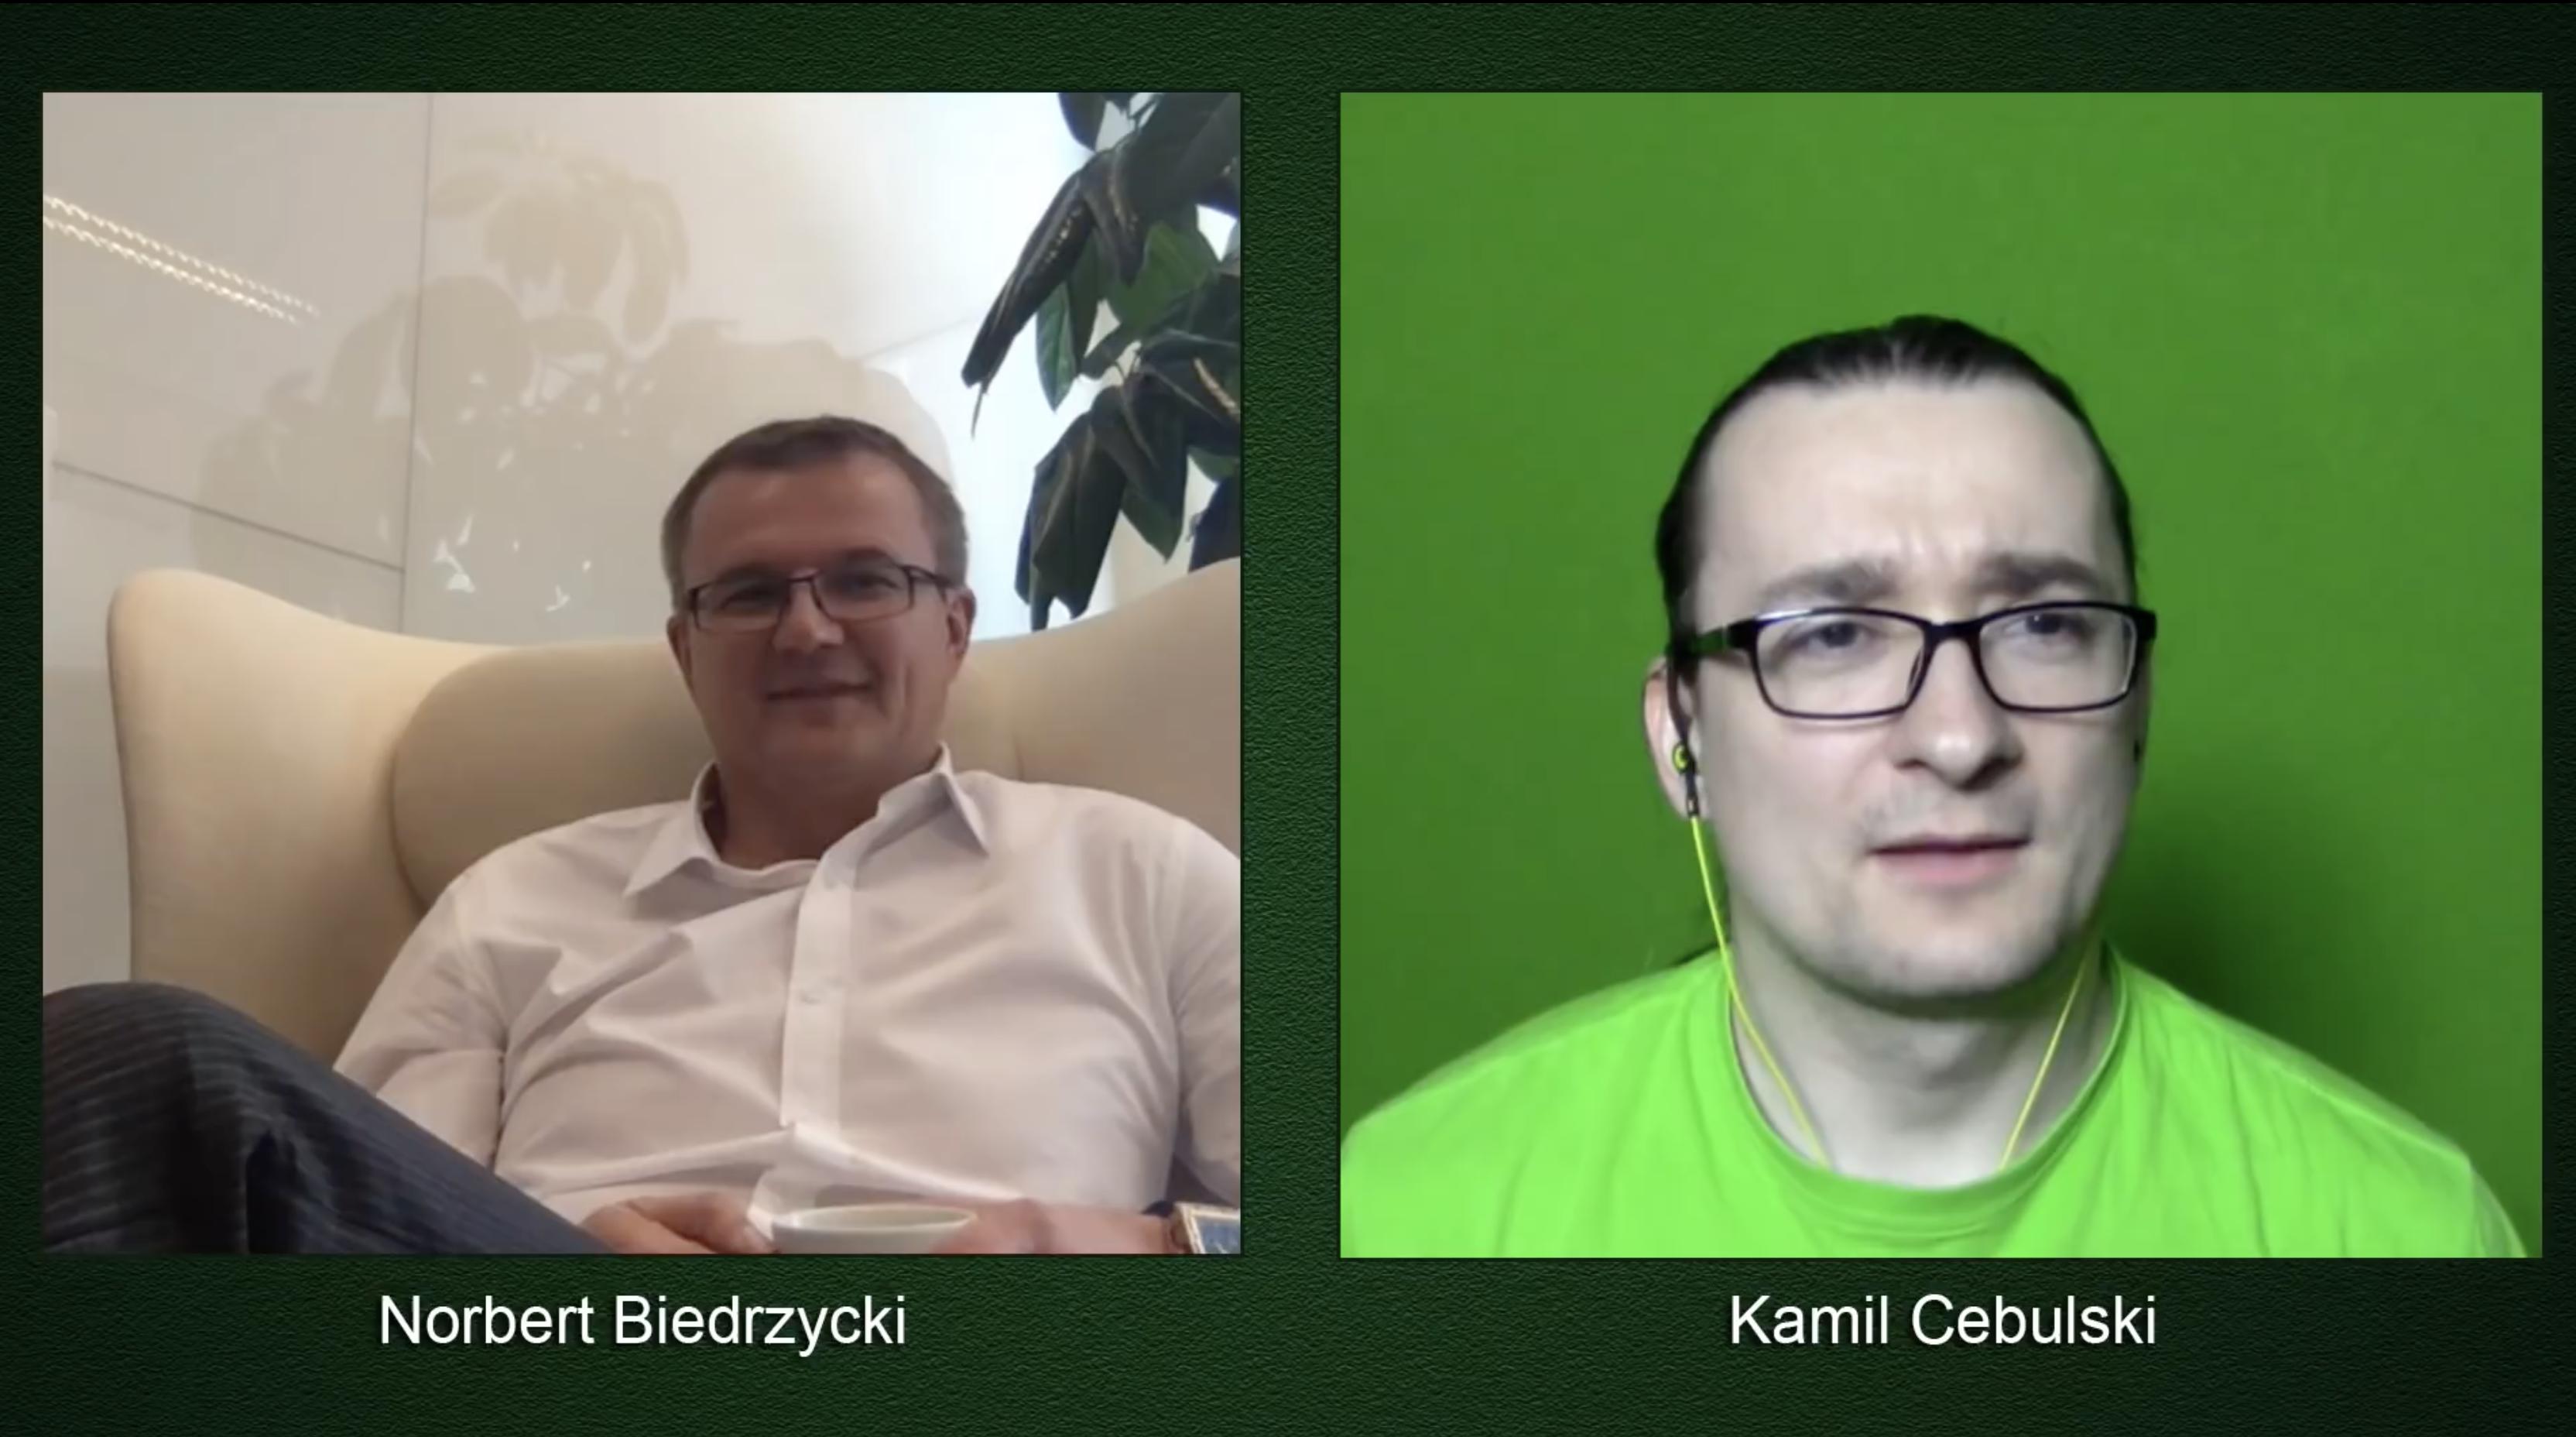 Youtube - Norbert Biedrzycki and Kamil Cebulski